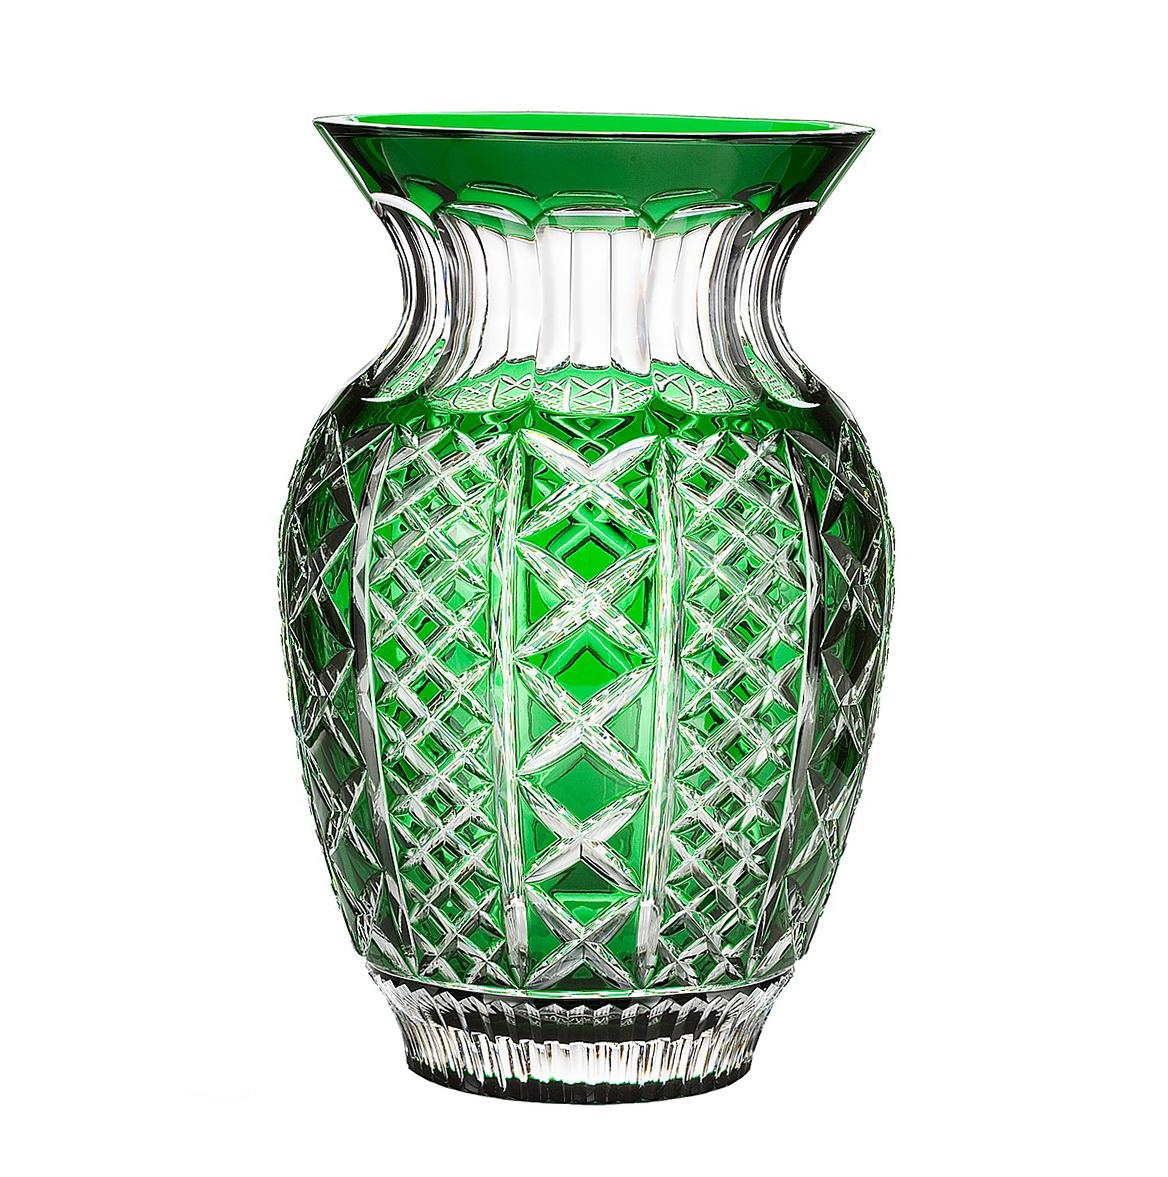 Waterford Crystal Vase Value